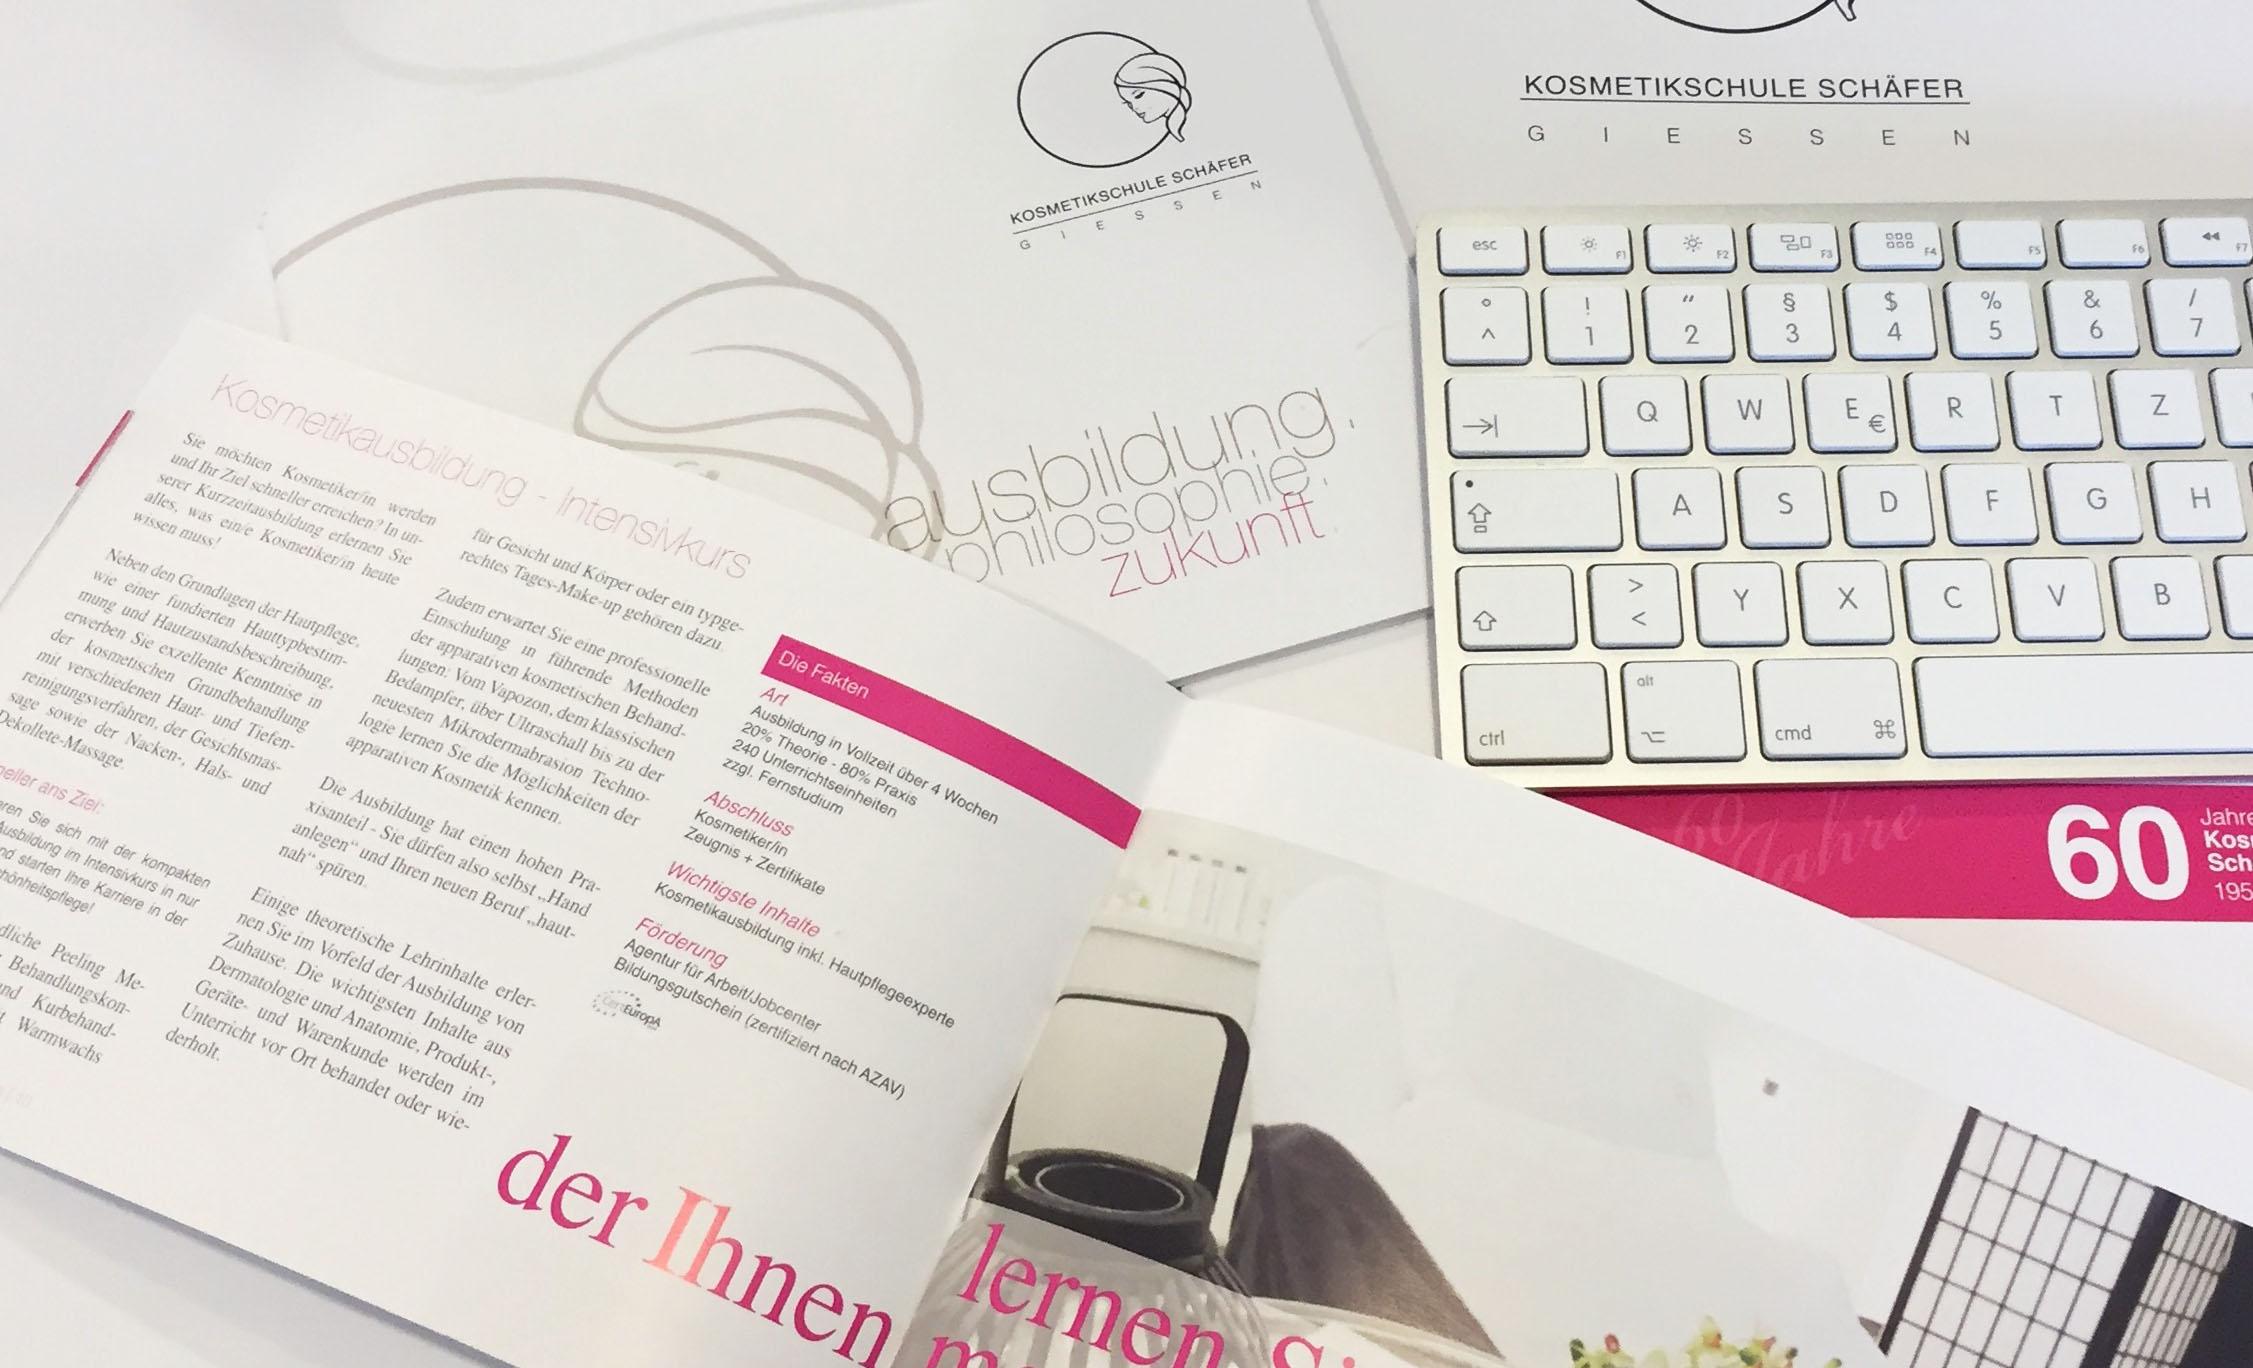 Kosmetikschule Schäfer - Bürokauffrau gesucht